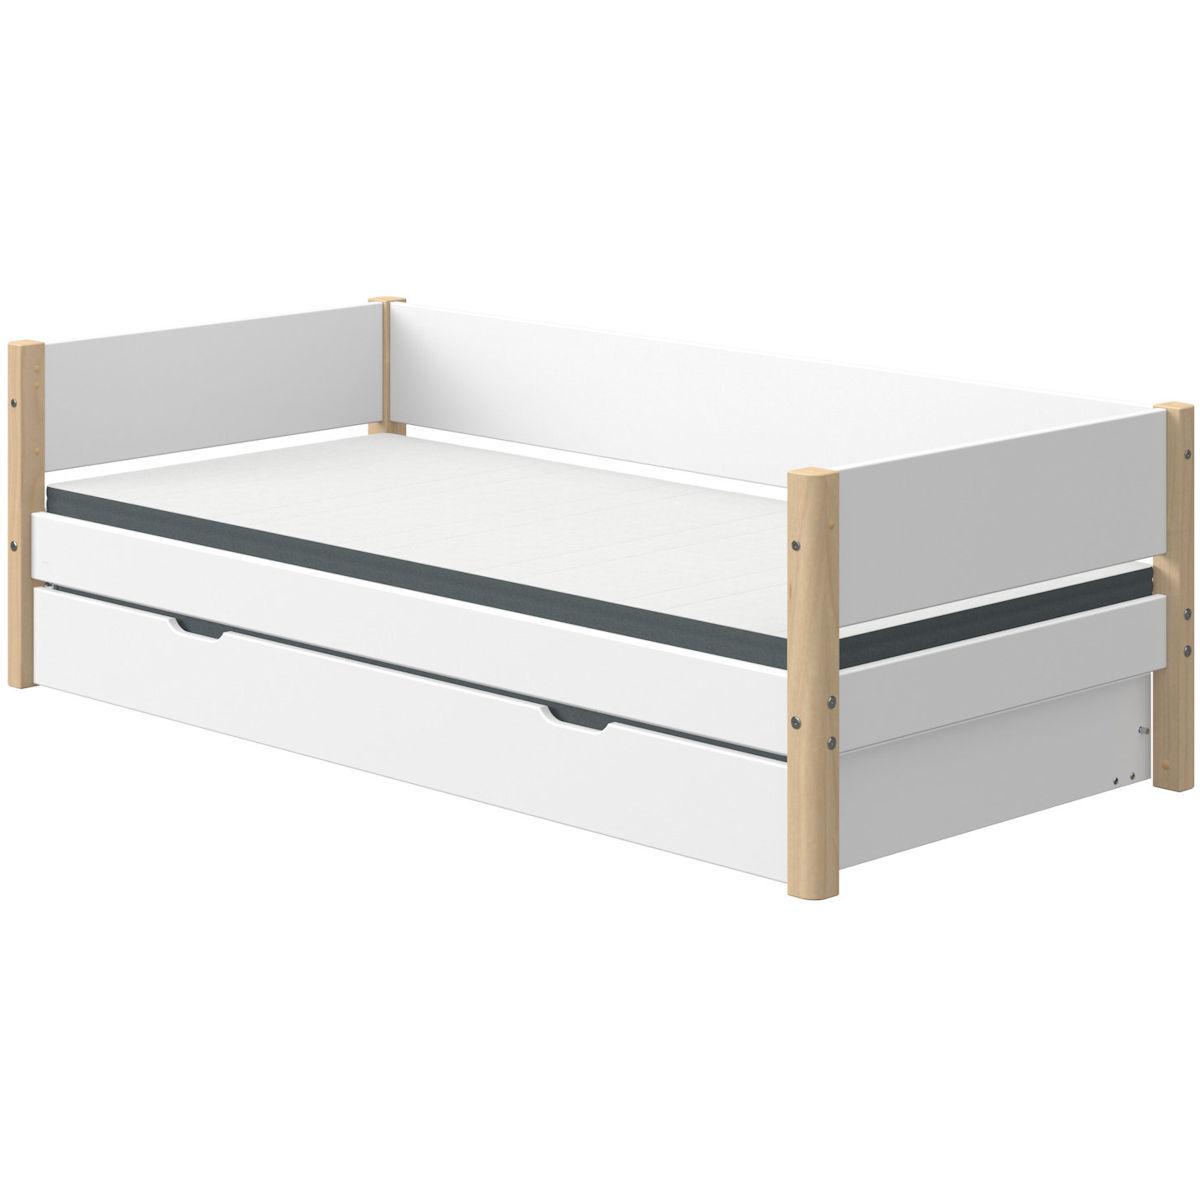 white einzelbett 90x190 g stebett birke 90 10757 95 539. Black Bedroom Furniture Sets. Home Design Ideas